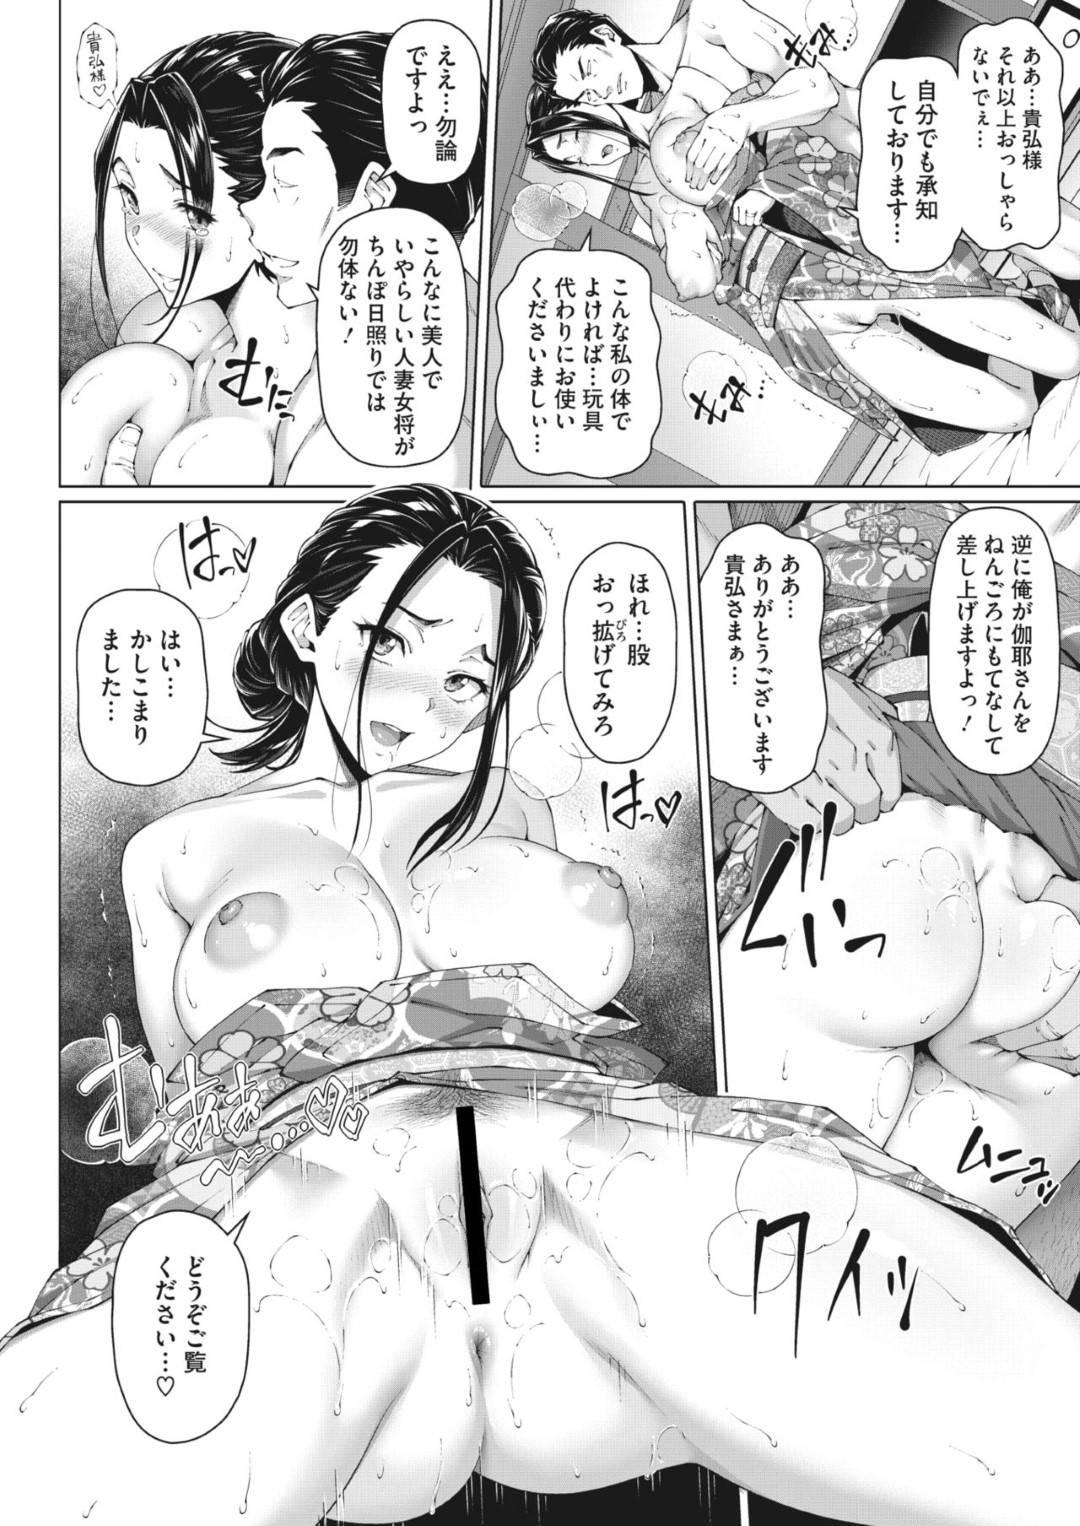 【エロ漫画】美人若女将が切り盛りする民宿へと泊まった主人公。夜に彼の部屋へと訪れた彼女はおもてなしと称して着物姿のままでフェラや手コキなどエッチなご奉仕を施す。